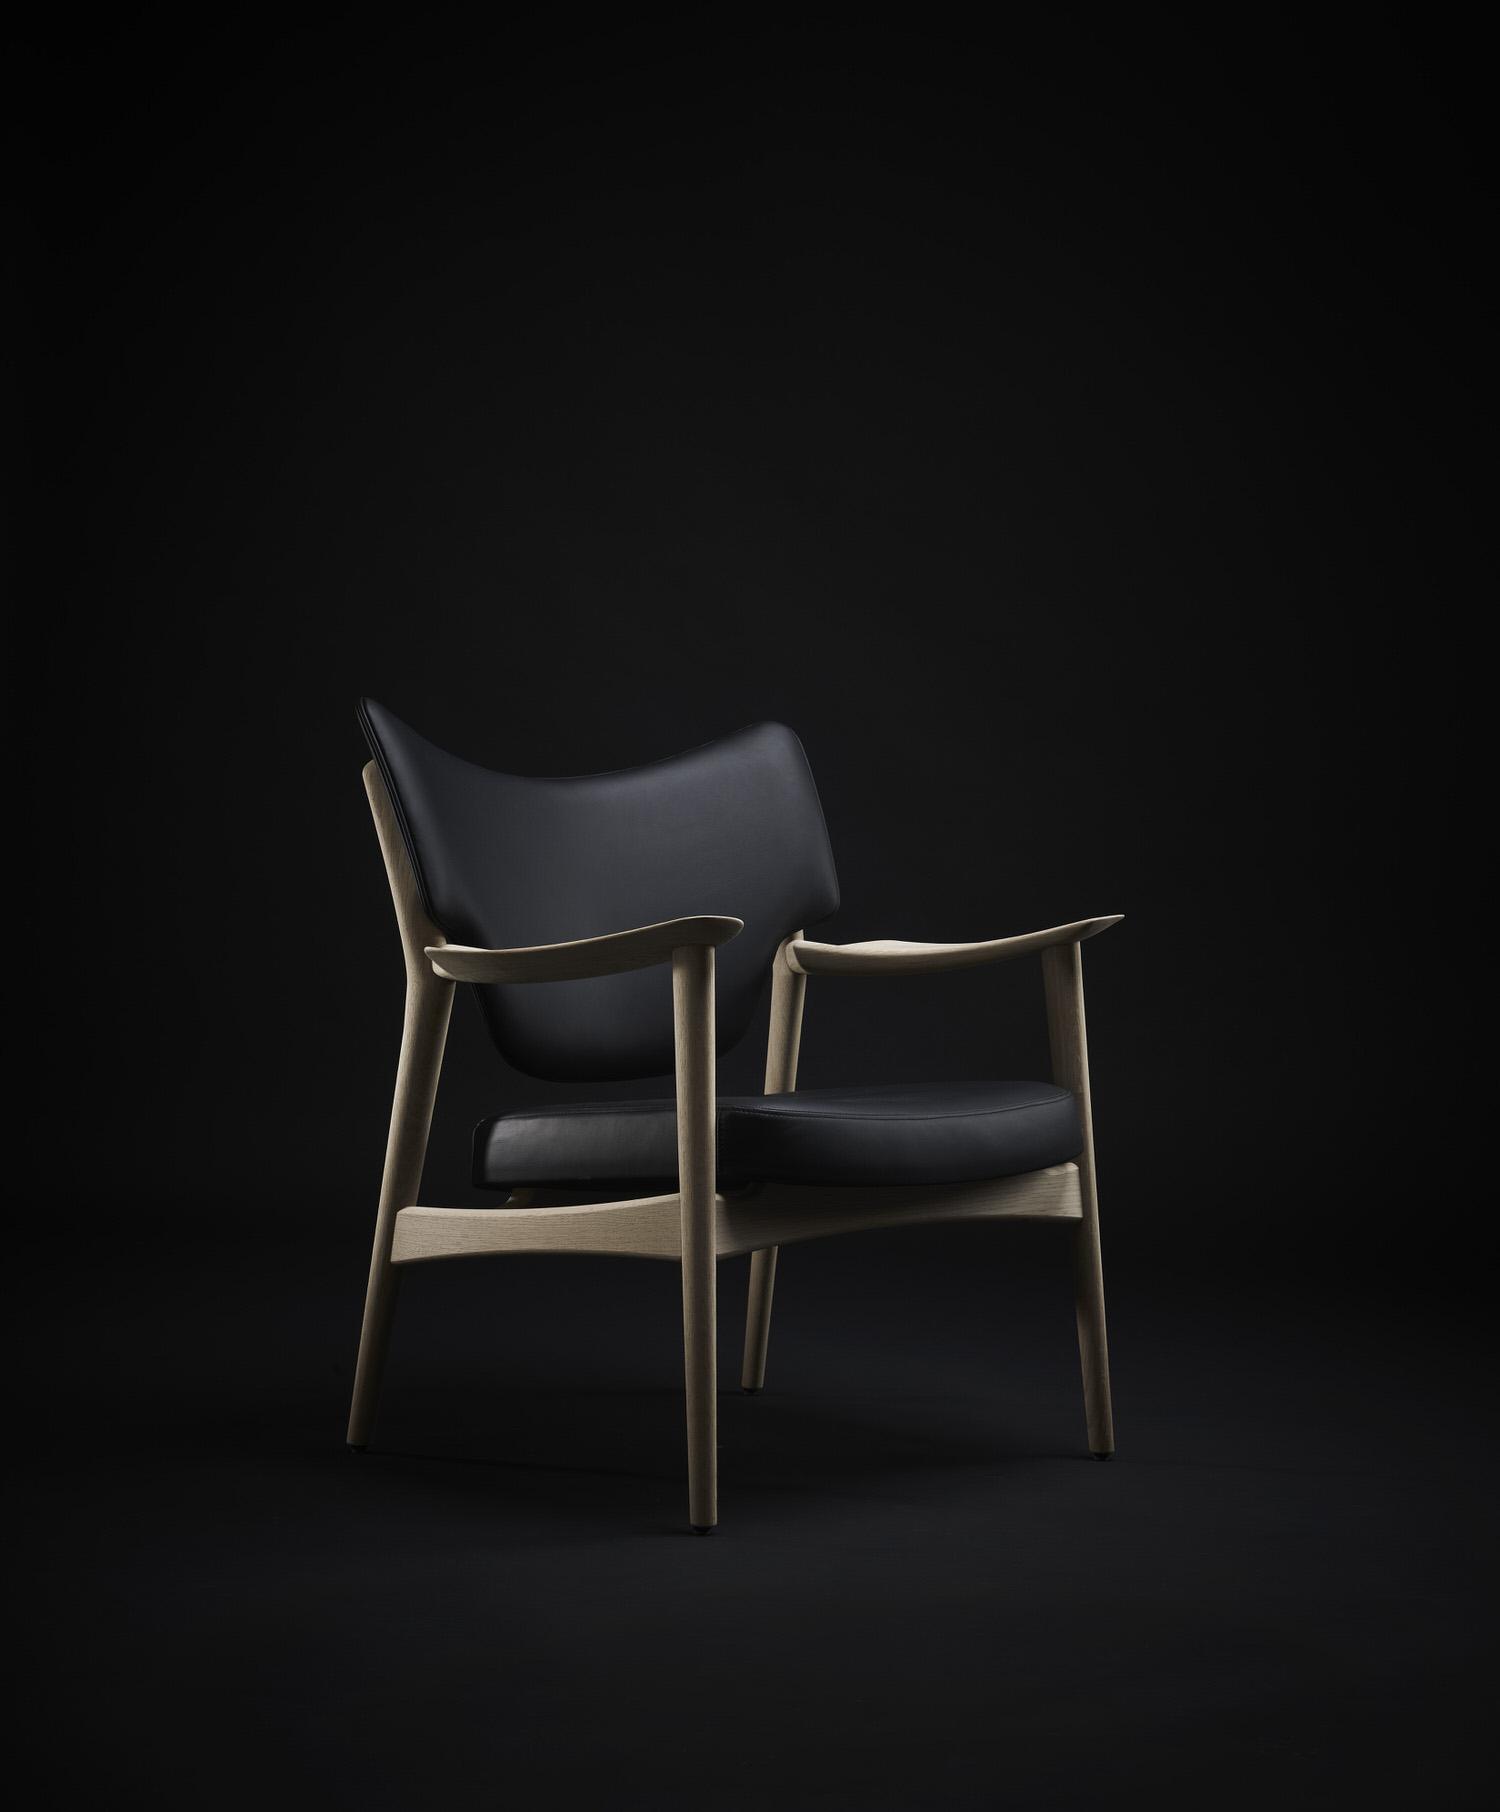 Stylecraft Eikund Veng Armchair Mid Century Design Photo Tom Haga Yellowtrace 10